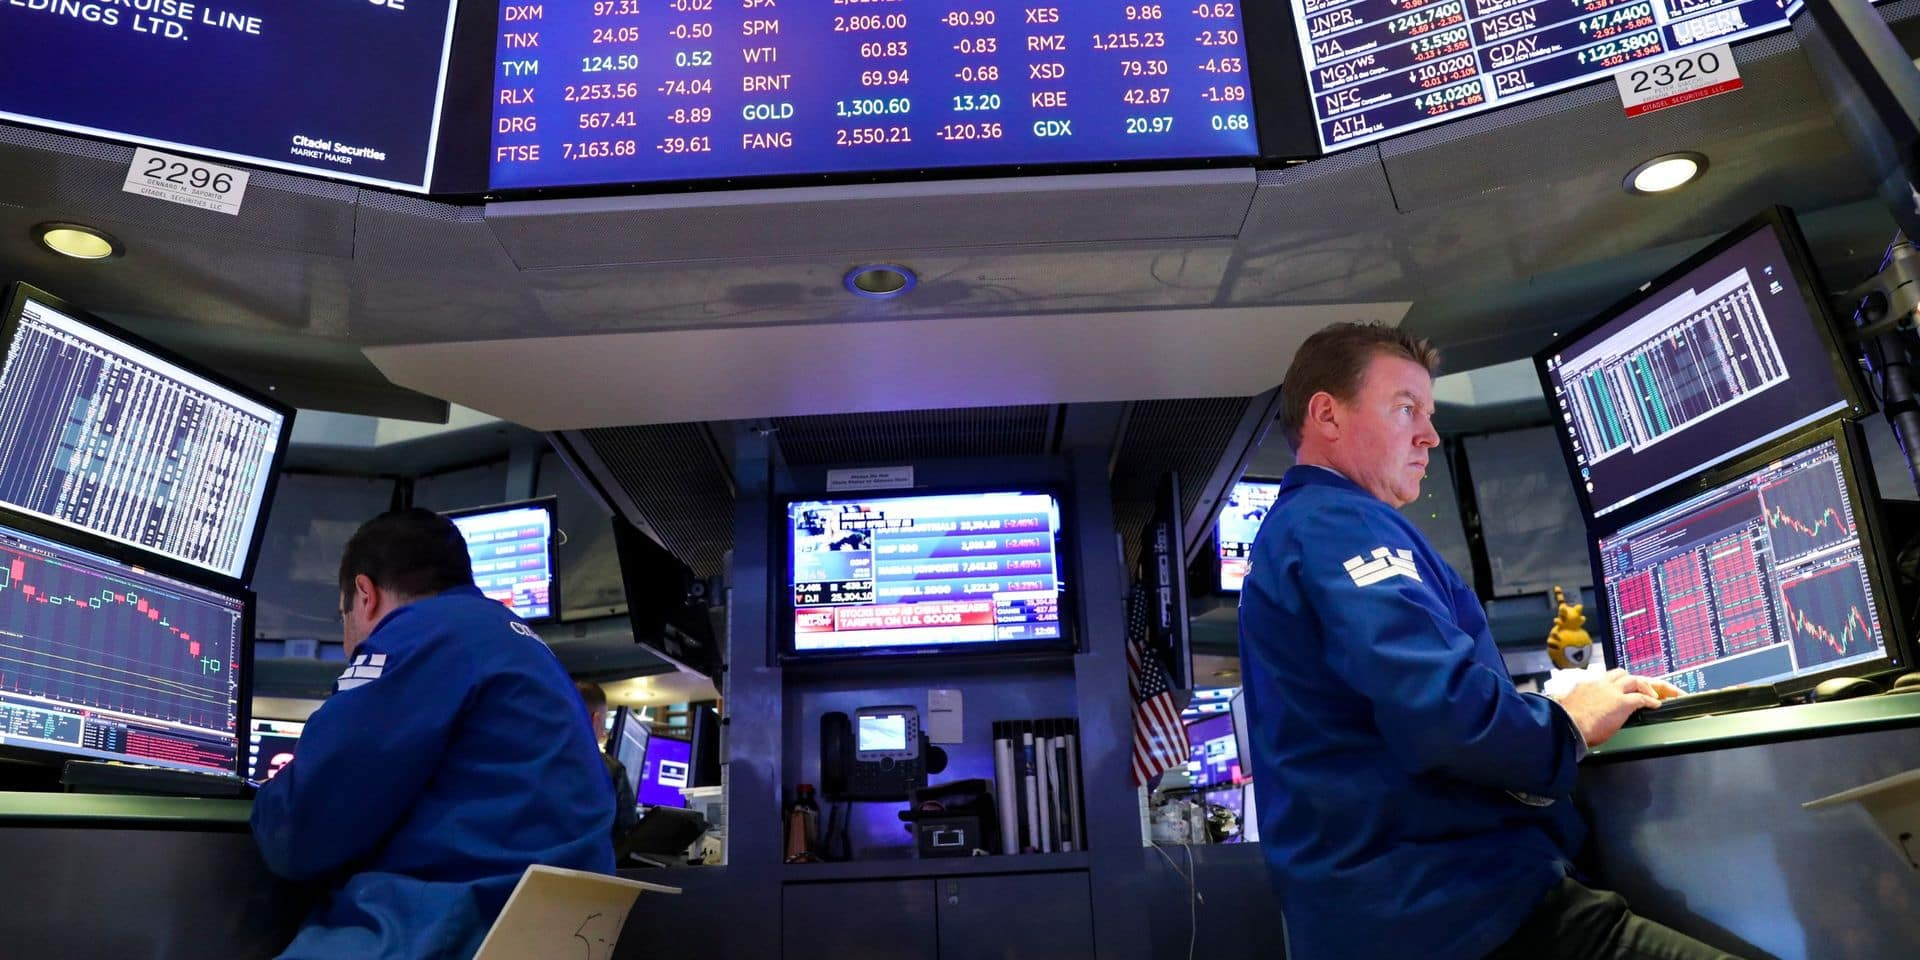 Wall Street ouvre quasi proche de l'équilibre, guettant les suites de la guerre commerciale